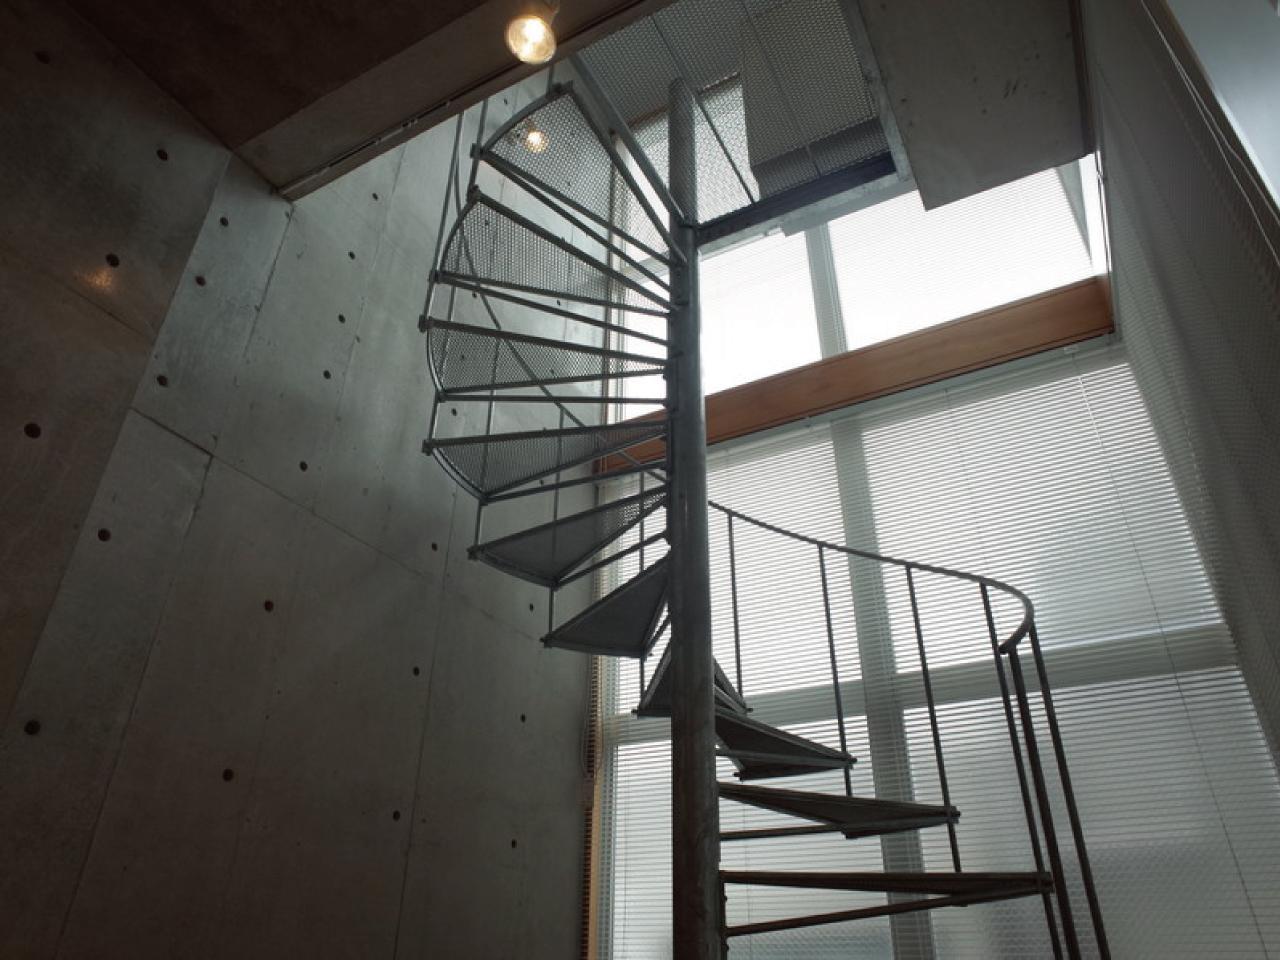 らせん階段の部分はとても開放的です